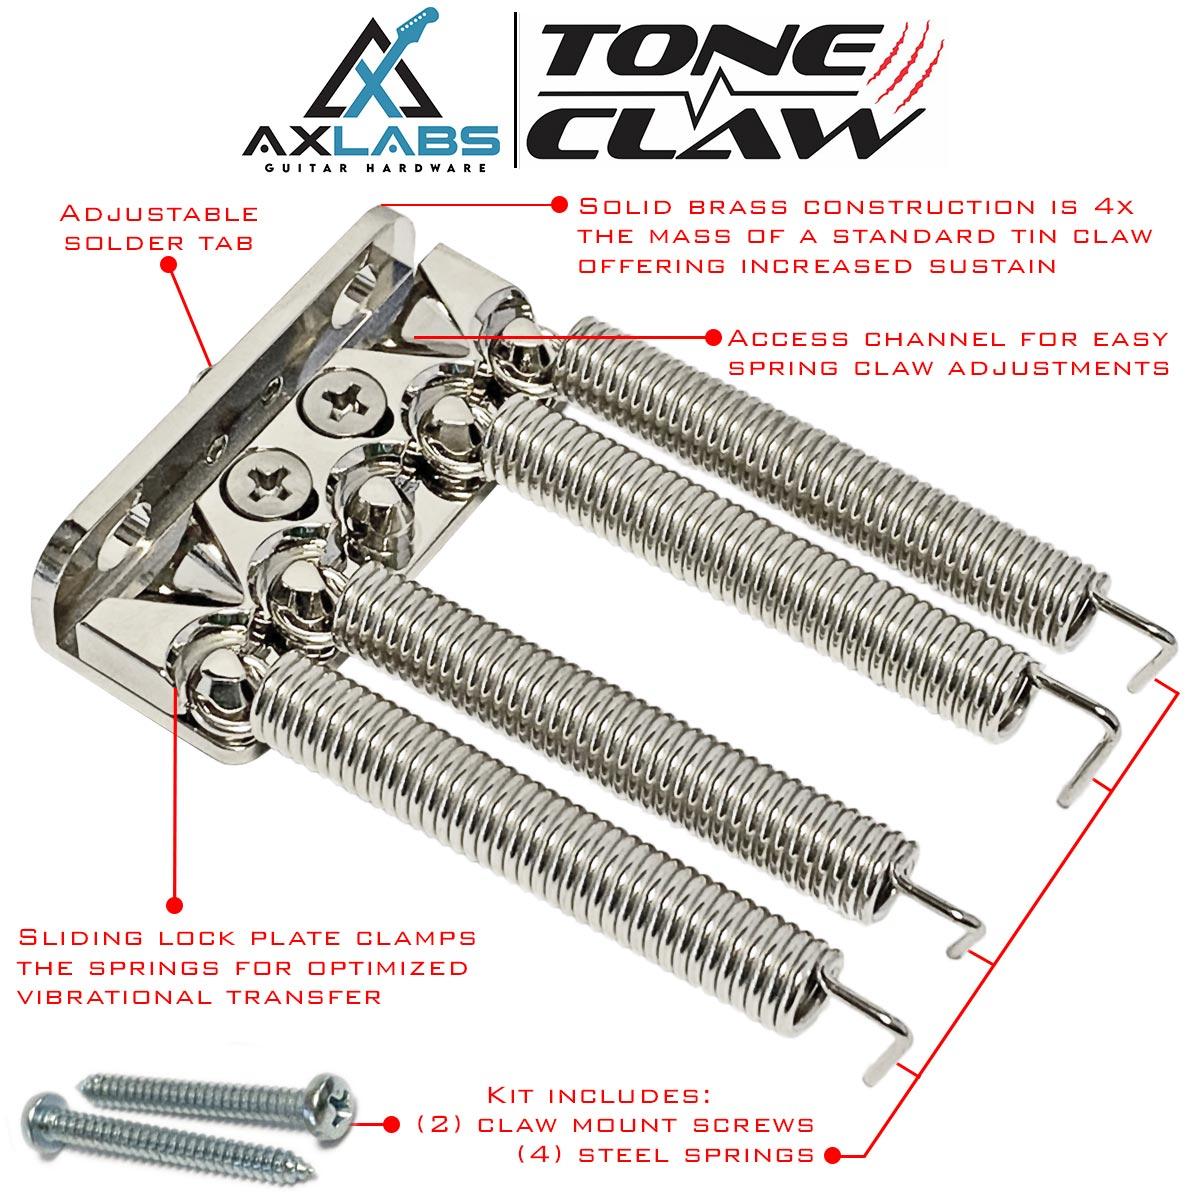 AxLabs Tone Claw Locking Spring Claw